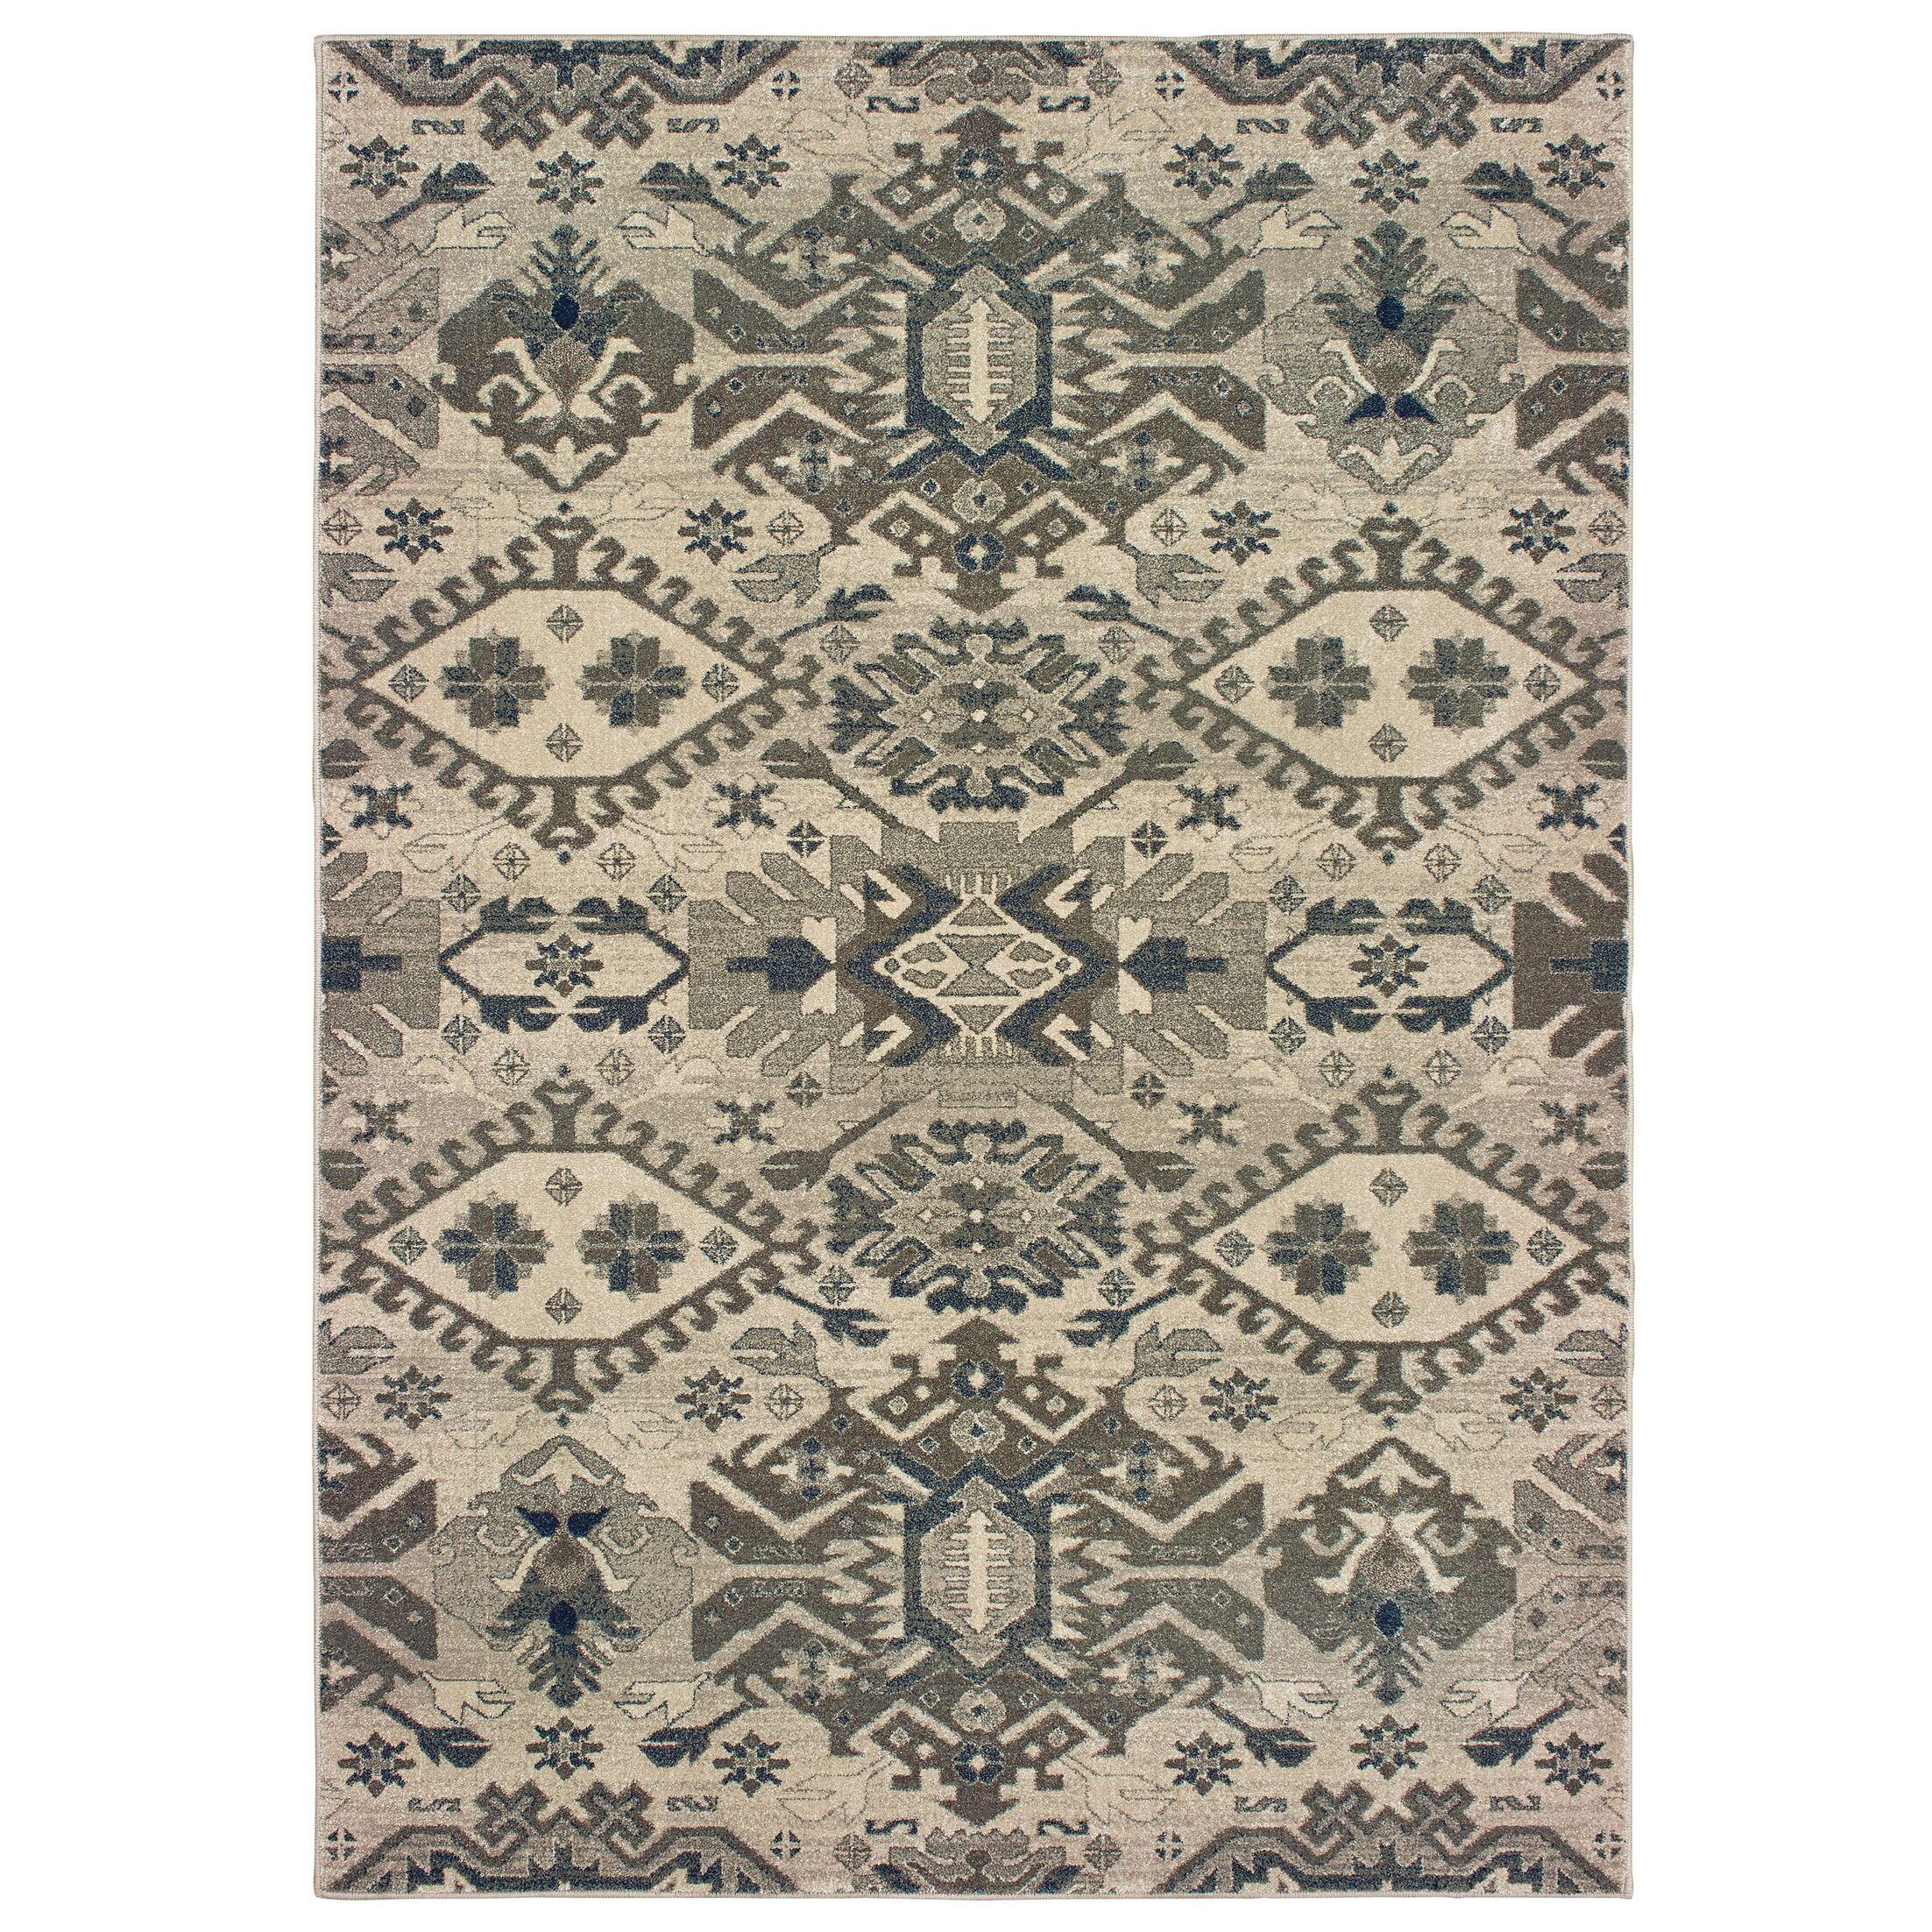 Fluker Tribal Gray Area Rug Rug Size: Rectangle 12' x 15'